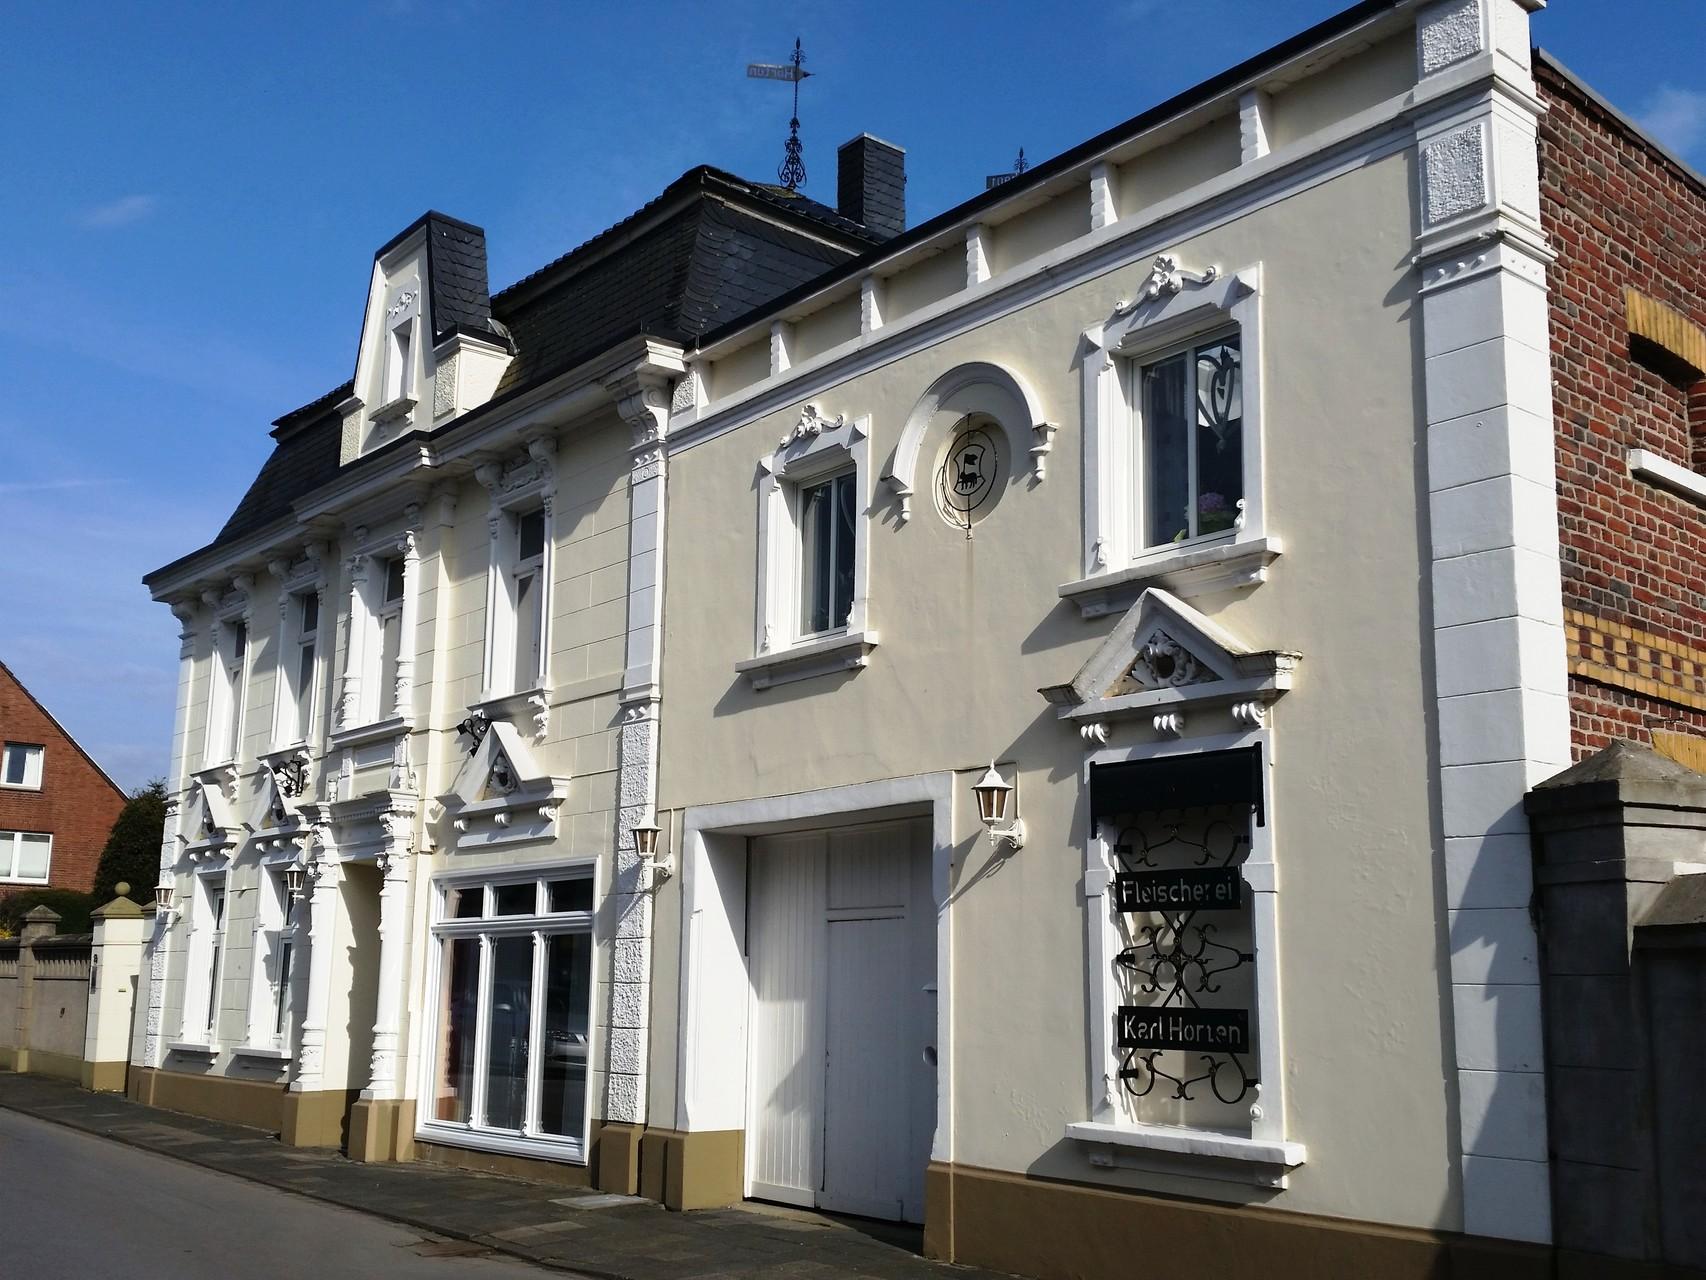 Historische Hausfassade an der Klosterstraße